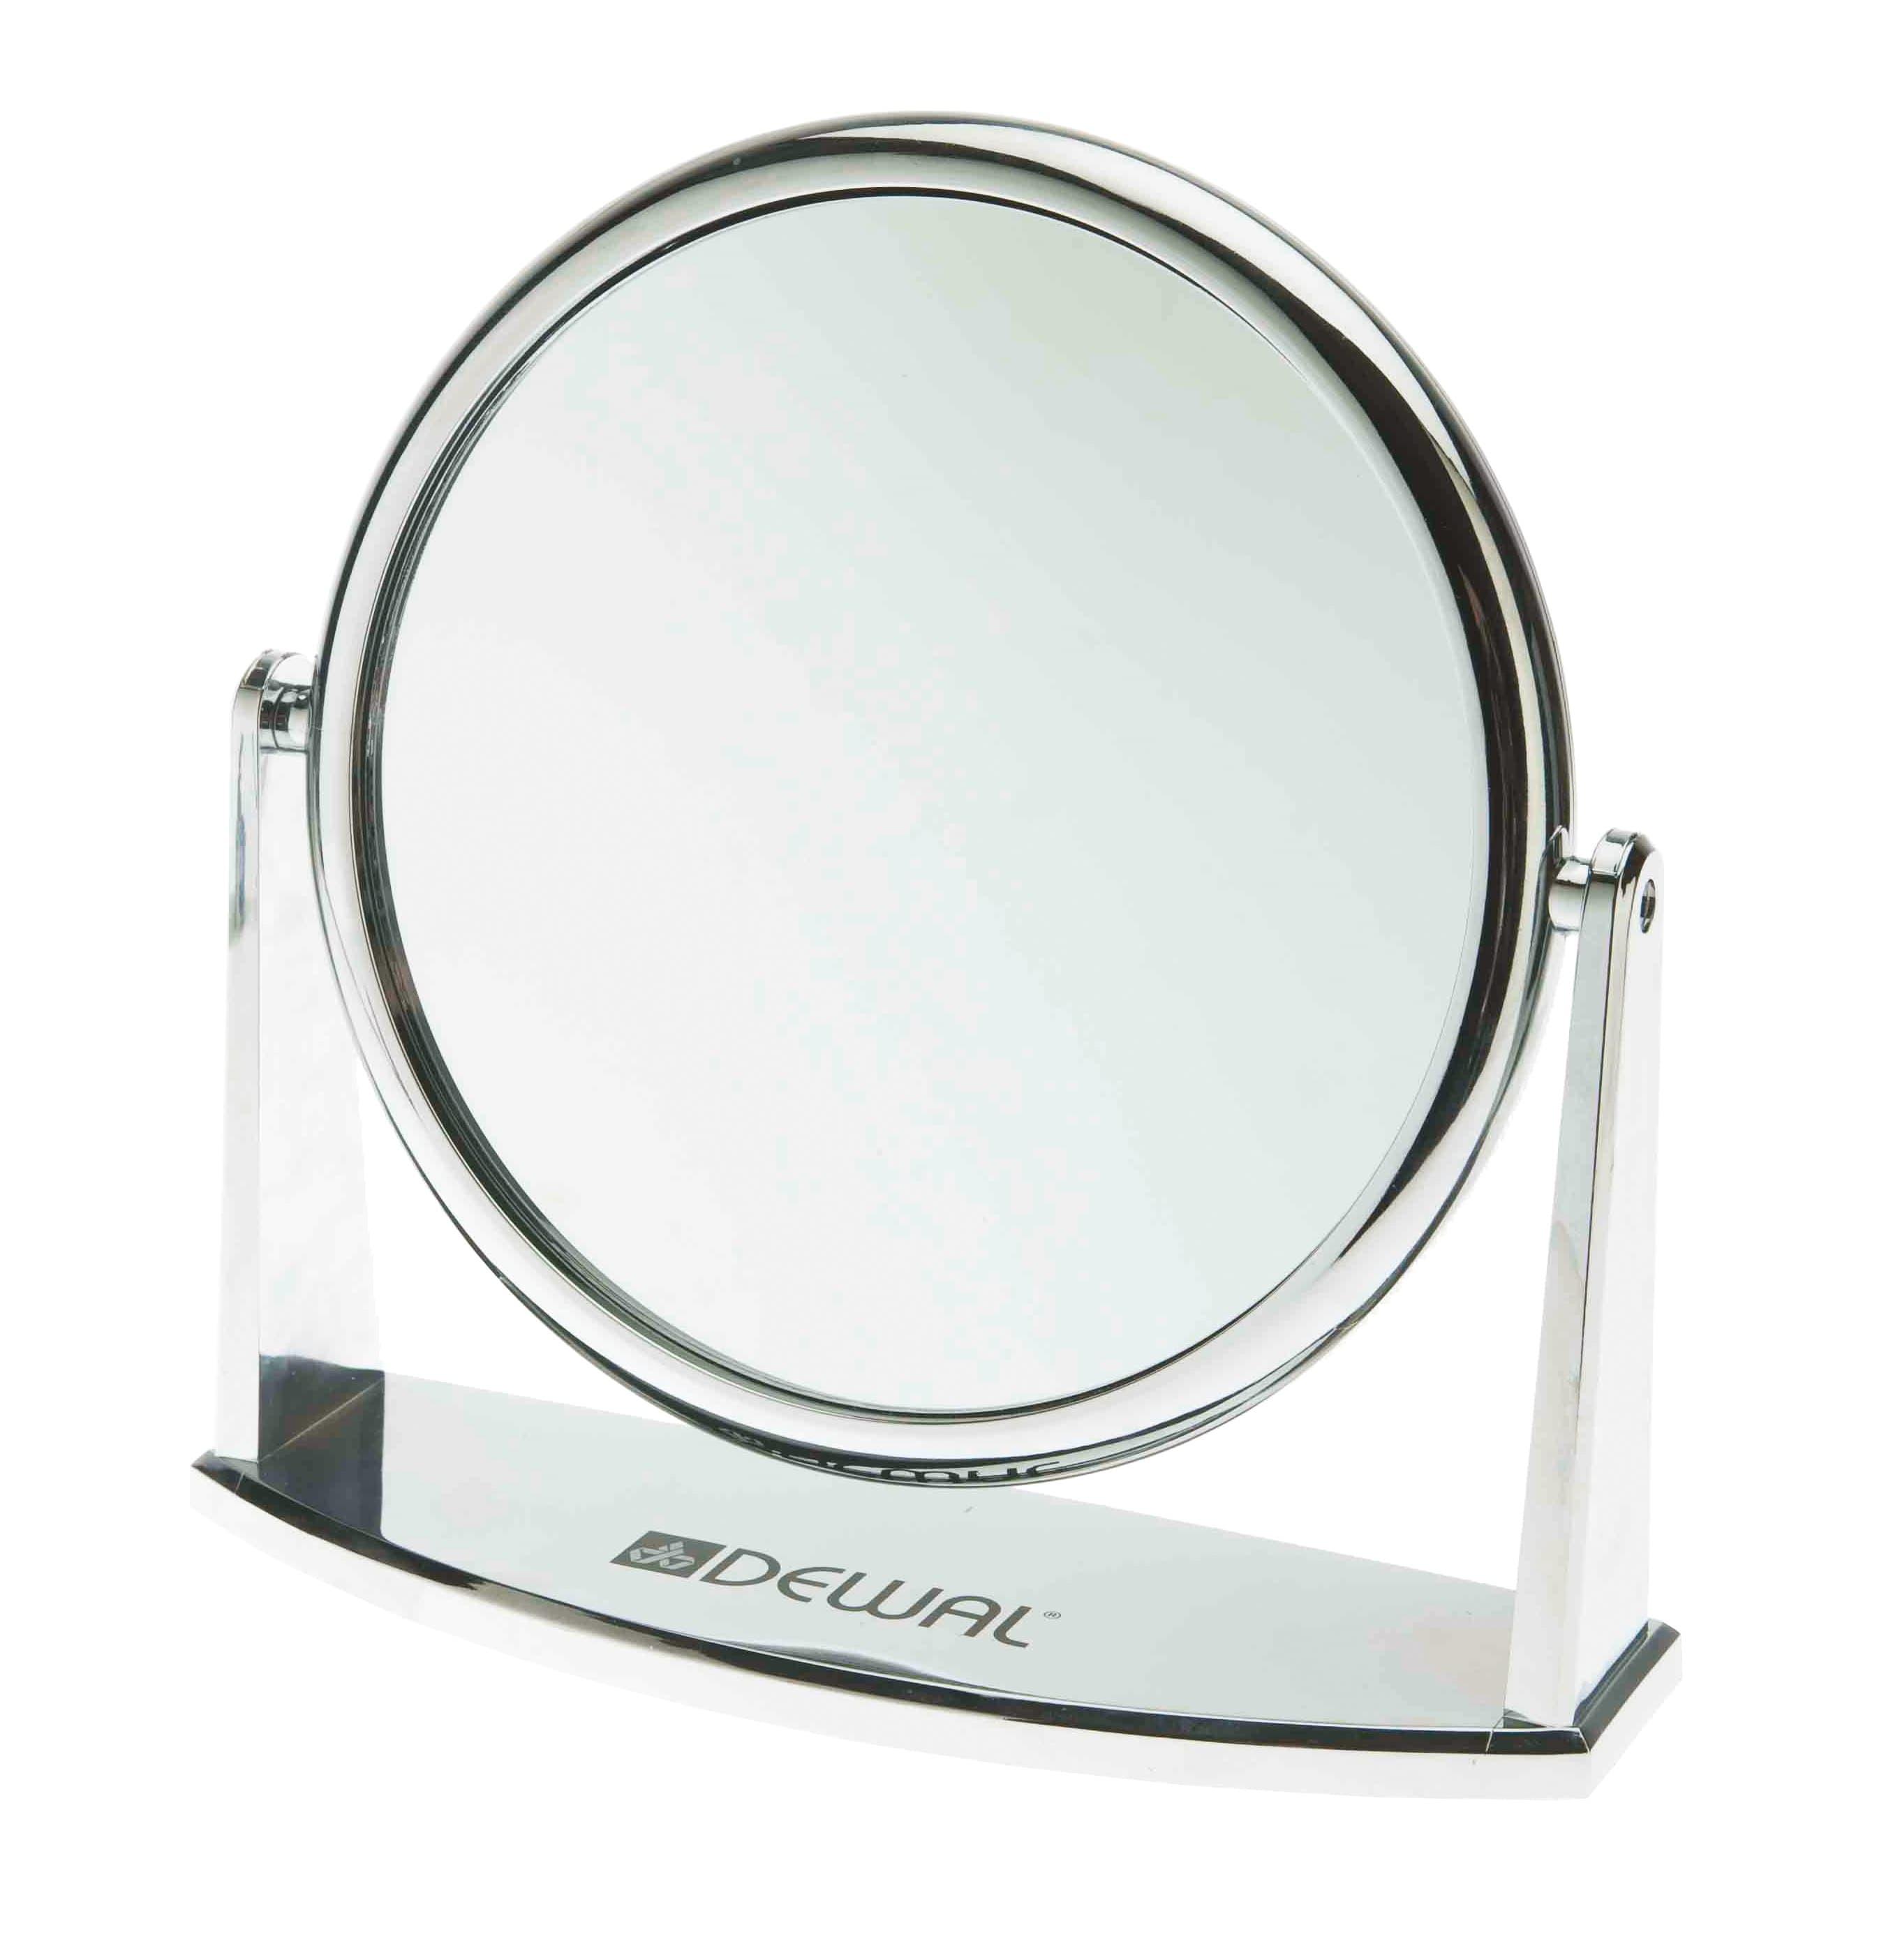 Зеркало Настольное Пластиковое Серебристое 18Х185См Mr-425Зеркала<br>Зеркало косметическое   Увеличение  2-ух кратное   Диаметр  18 5 см<br>